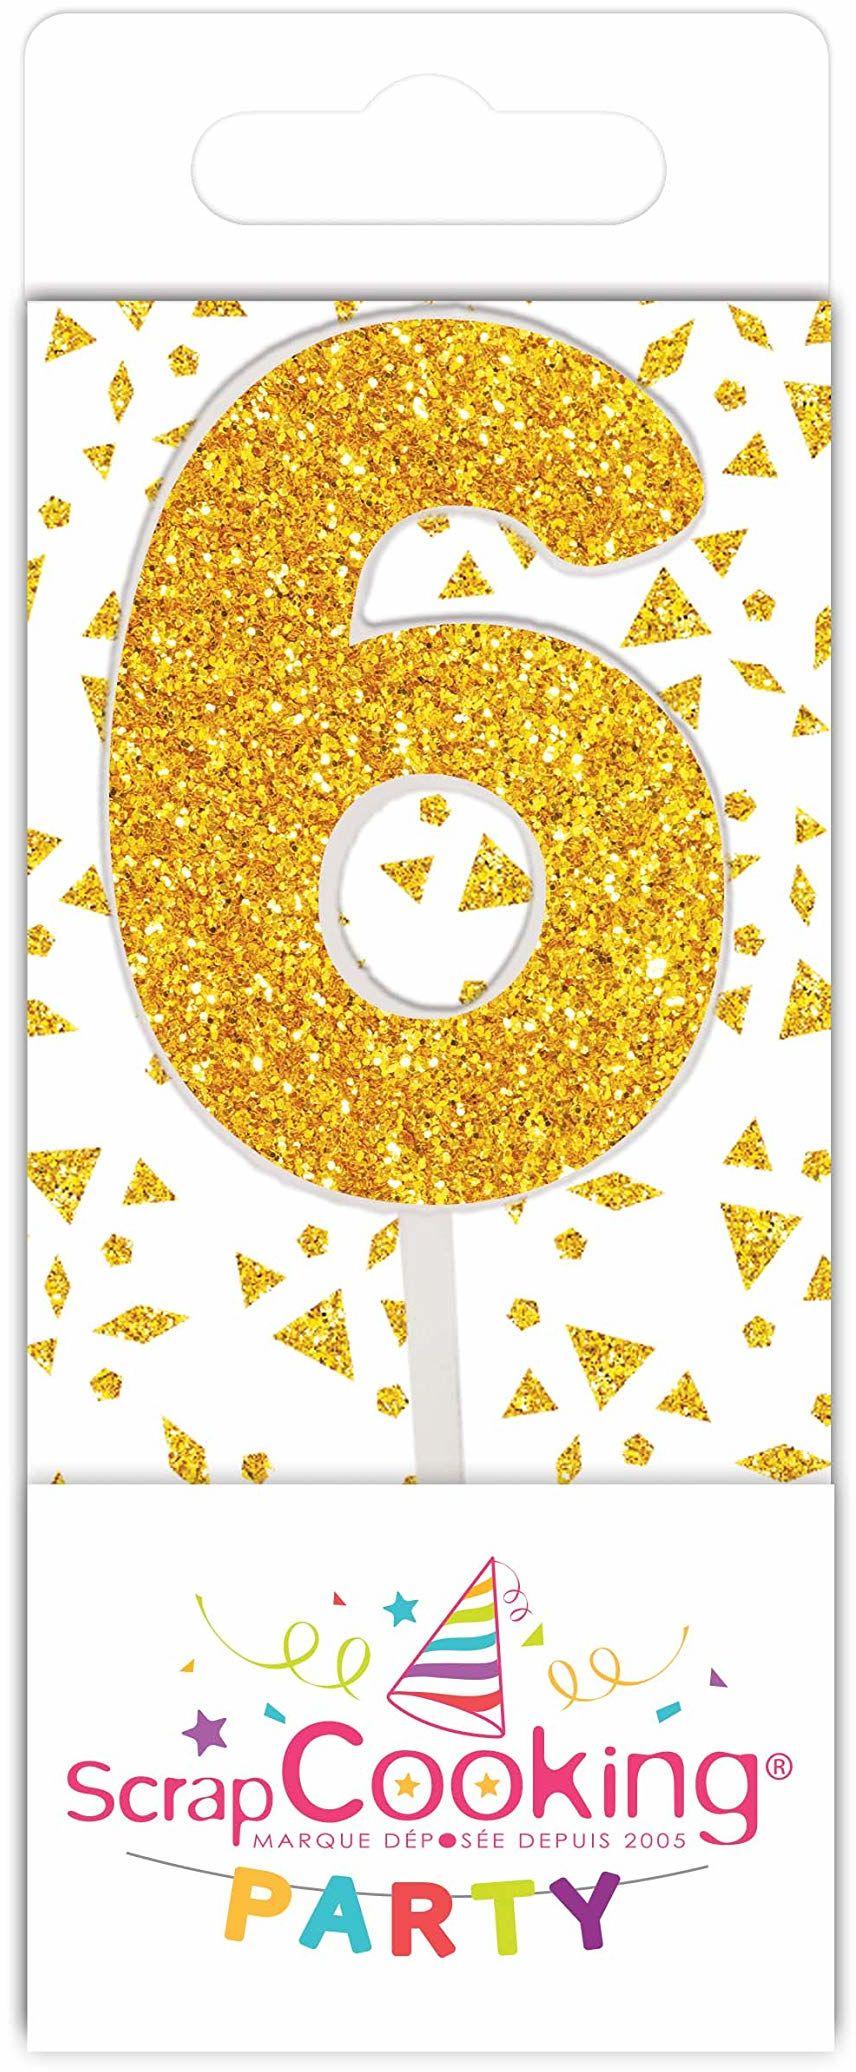 Scrapcooking 0596 mini świeca, kolor złoty, 6 sztuk